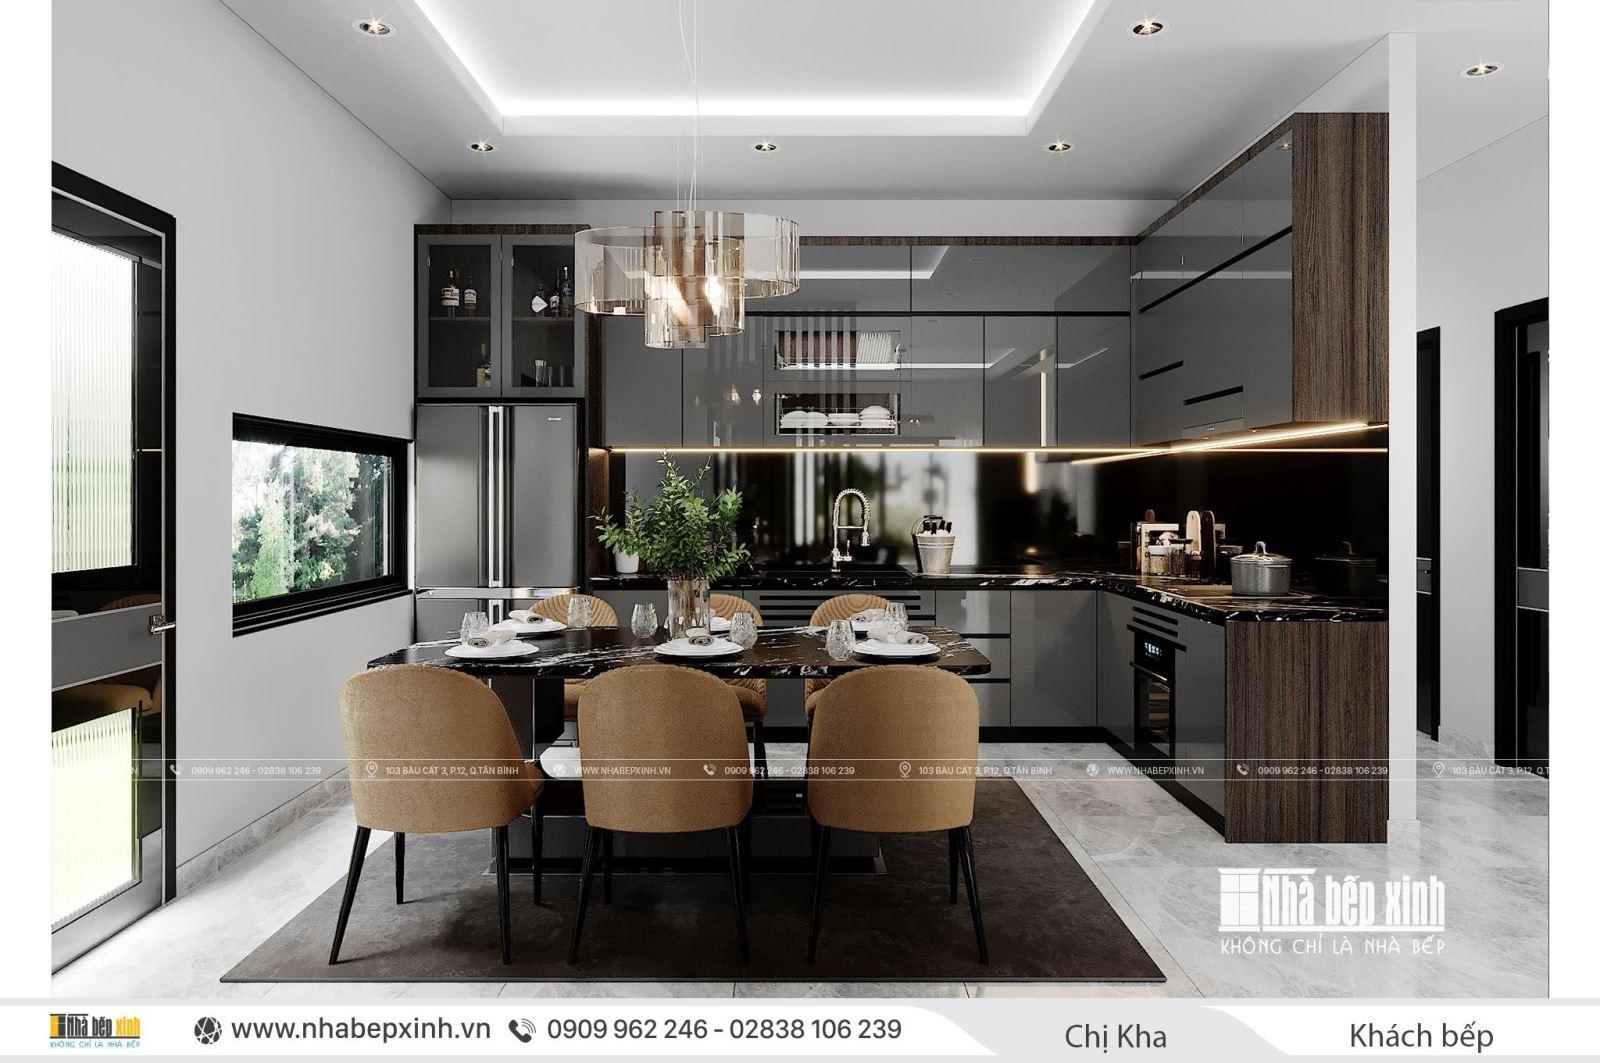 Thiết kế nội thất nguyên căn đẹp tại tỉnh Lâm Đồng